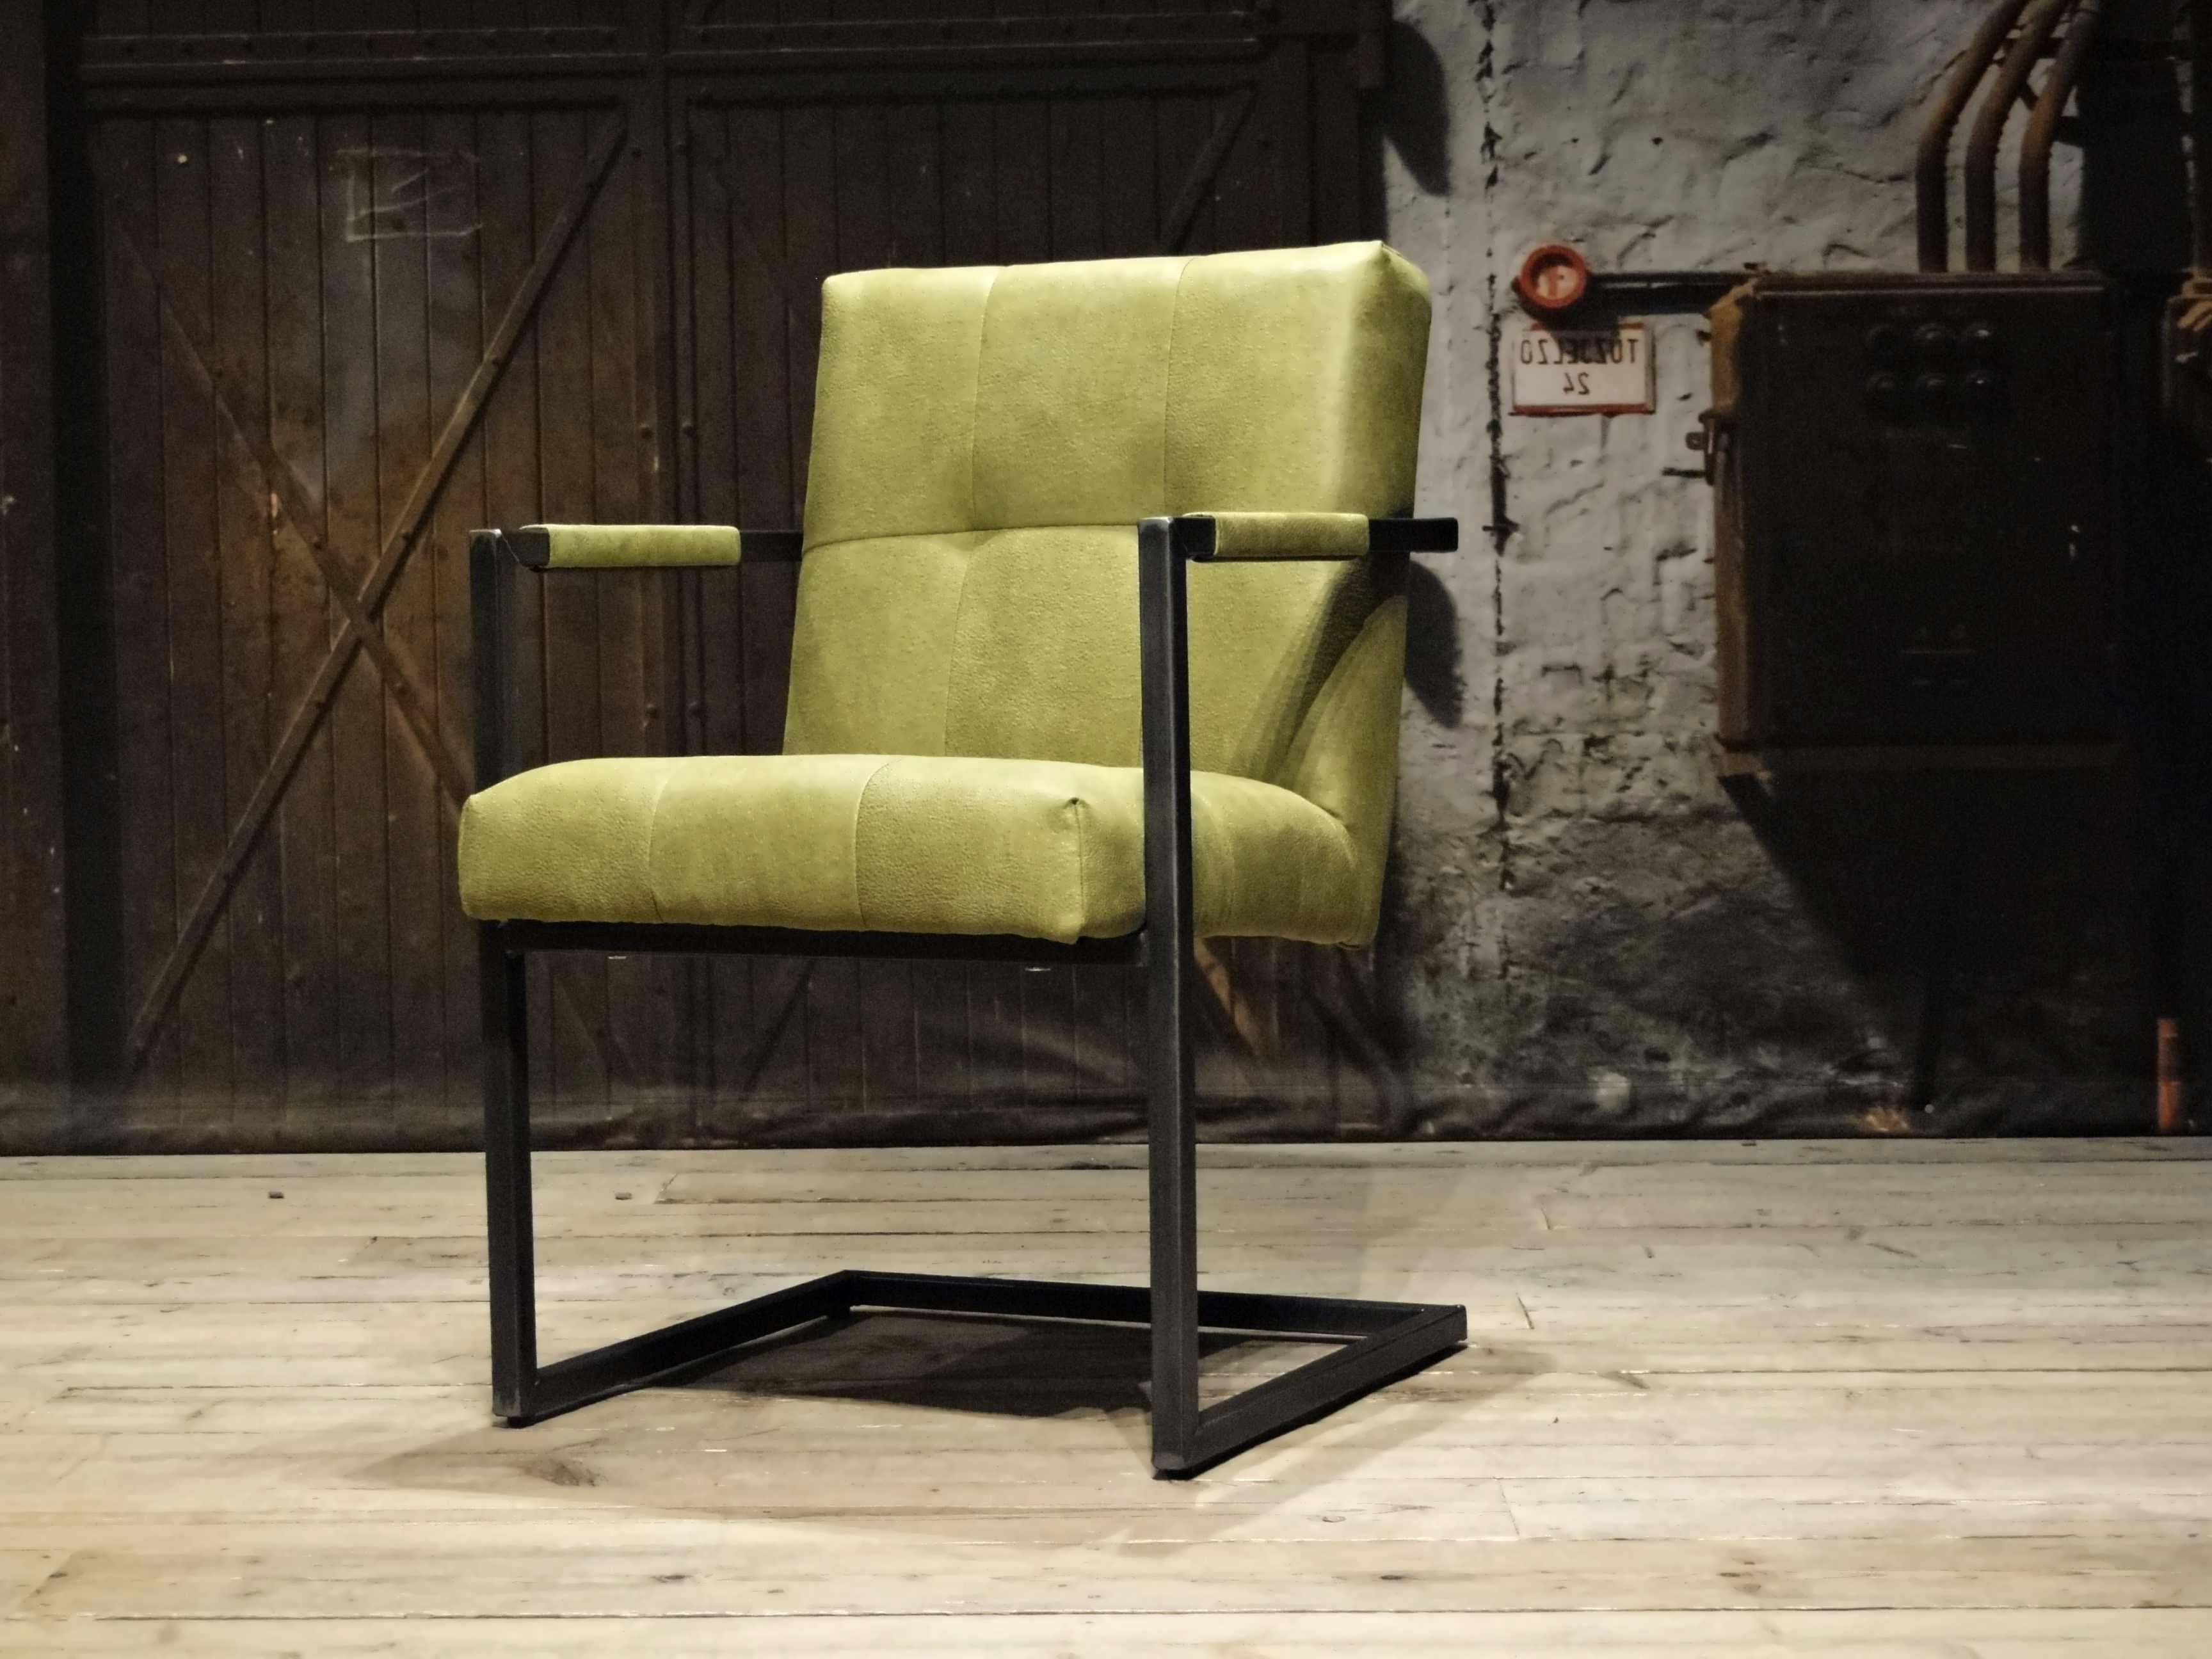 appel groene stoel